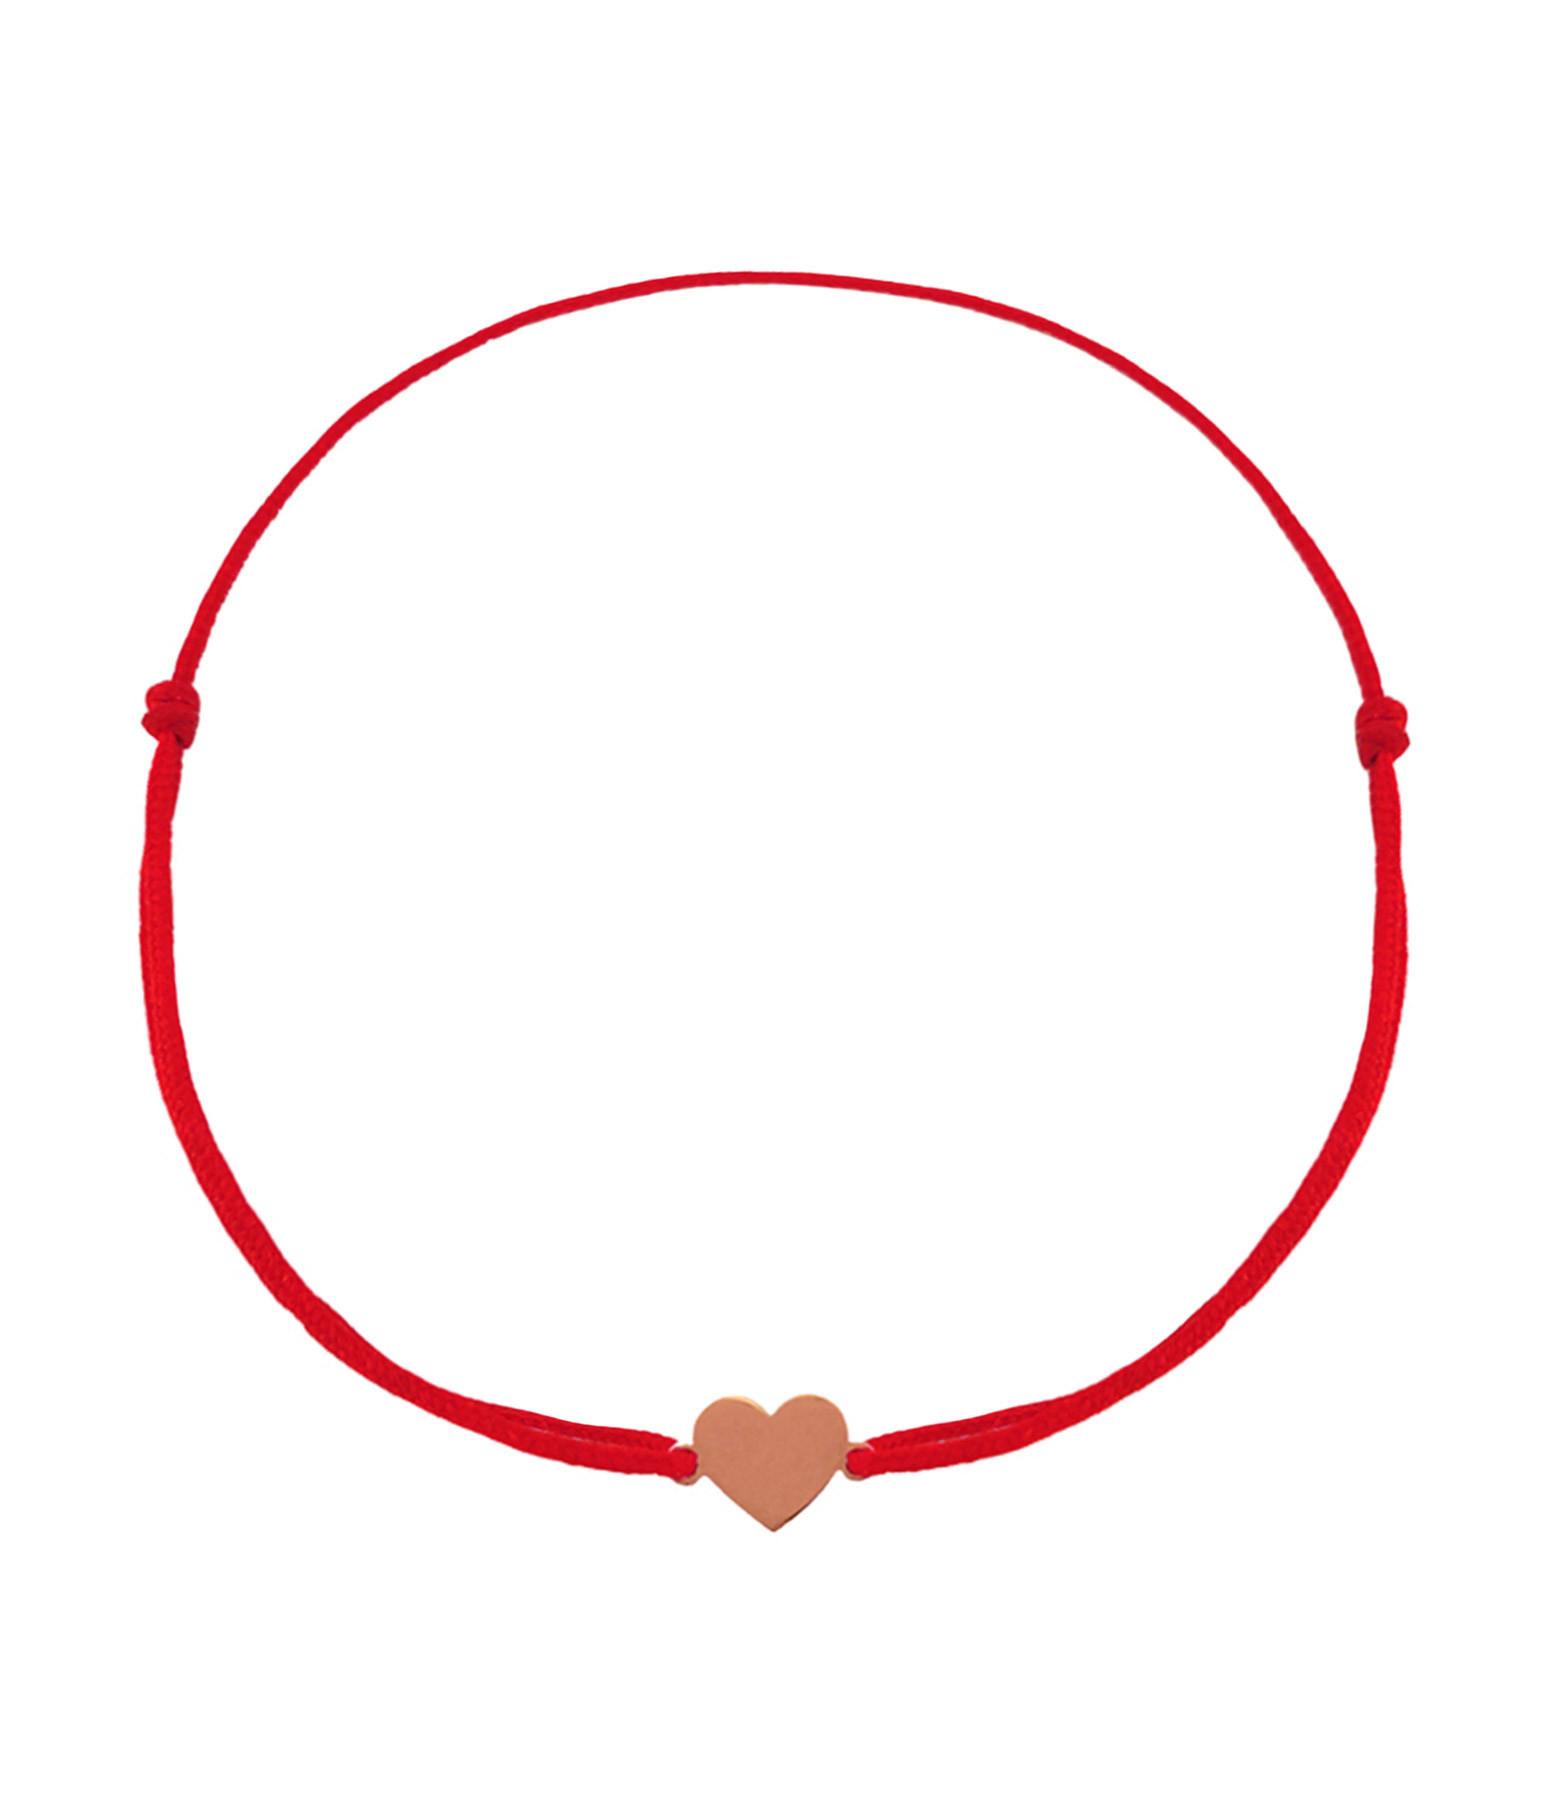 Bracelet Cordon Love Love Love - CHIBCHA